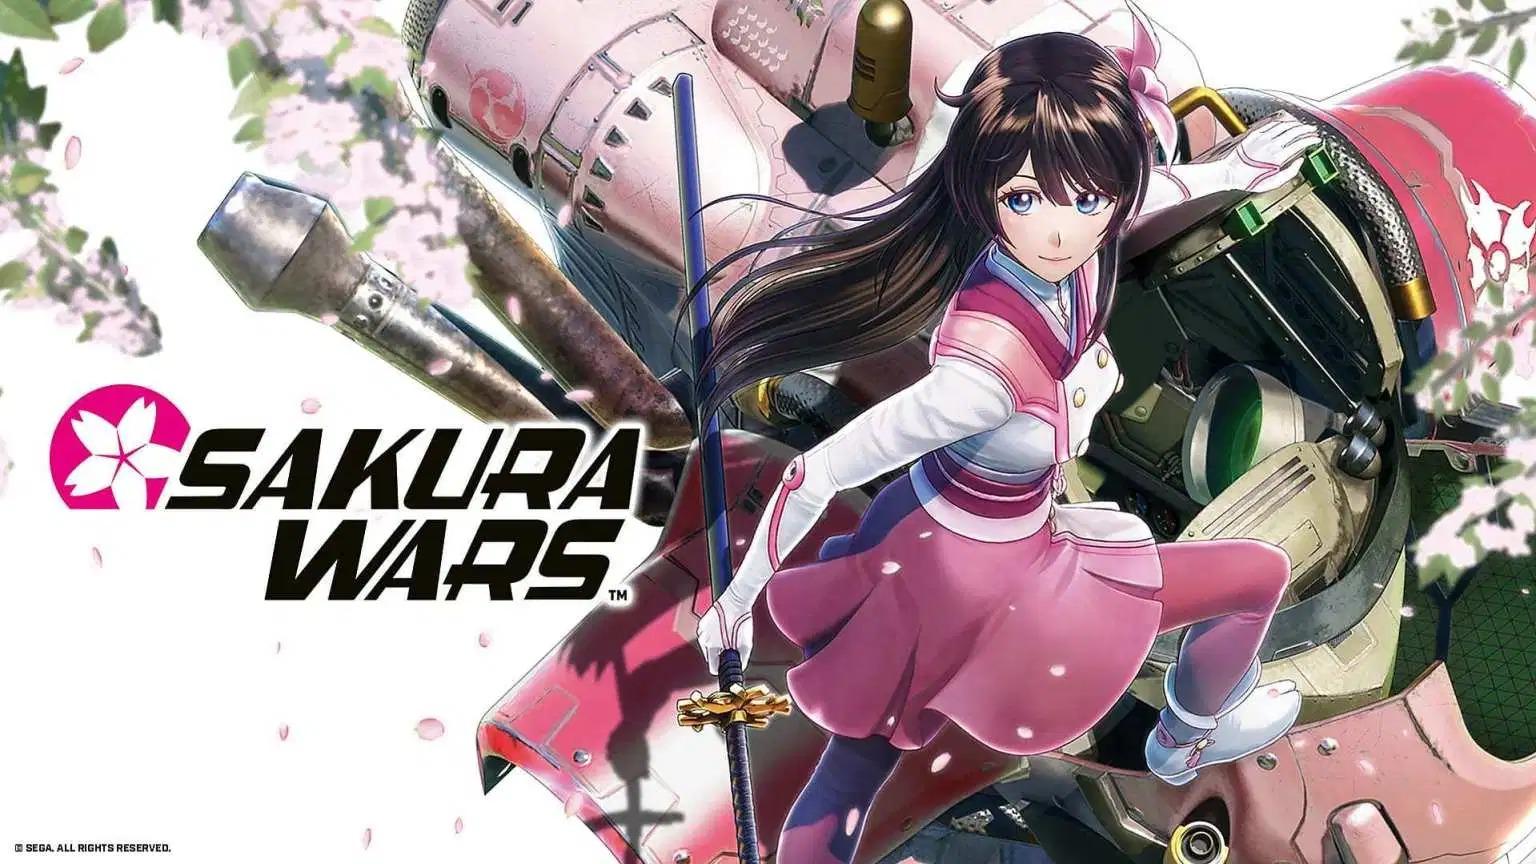 《樱花大战》开发者希望继续该系列 讨论其他平台可能性